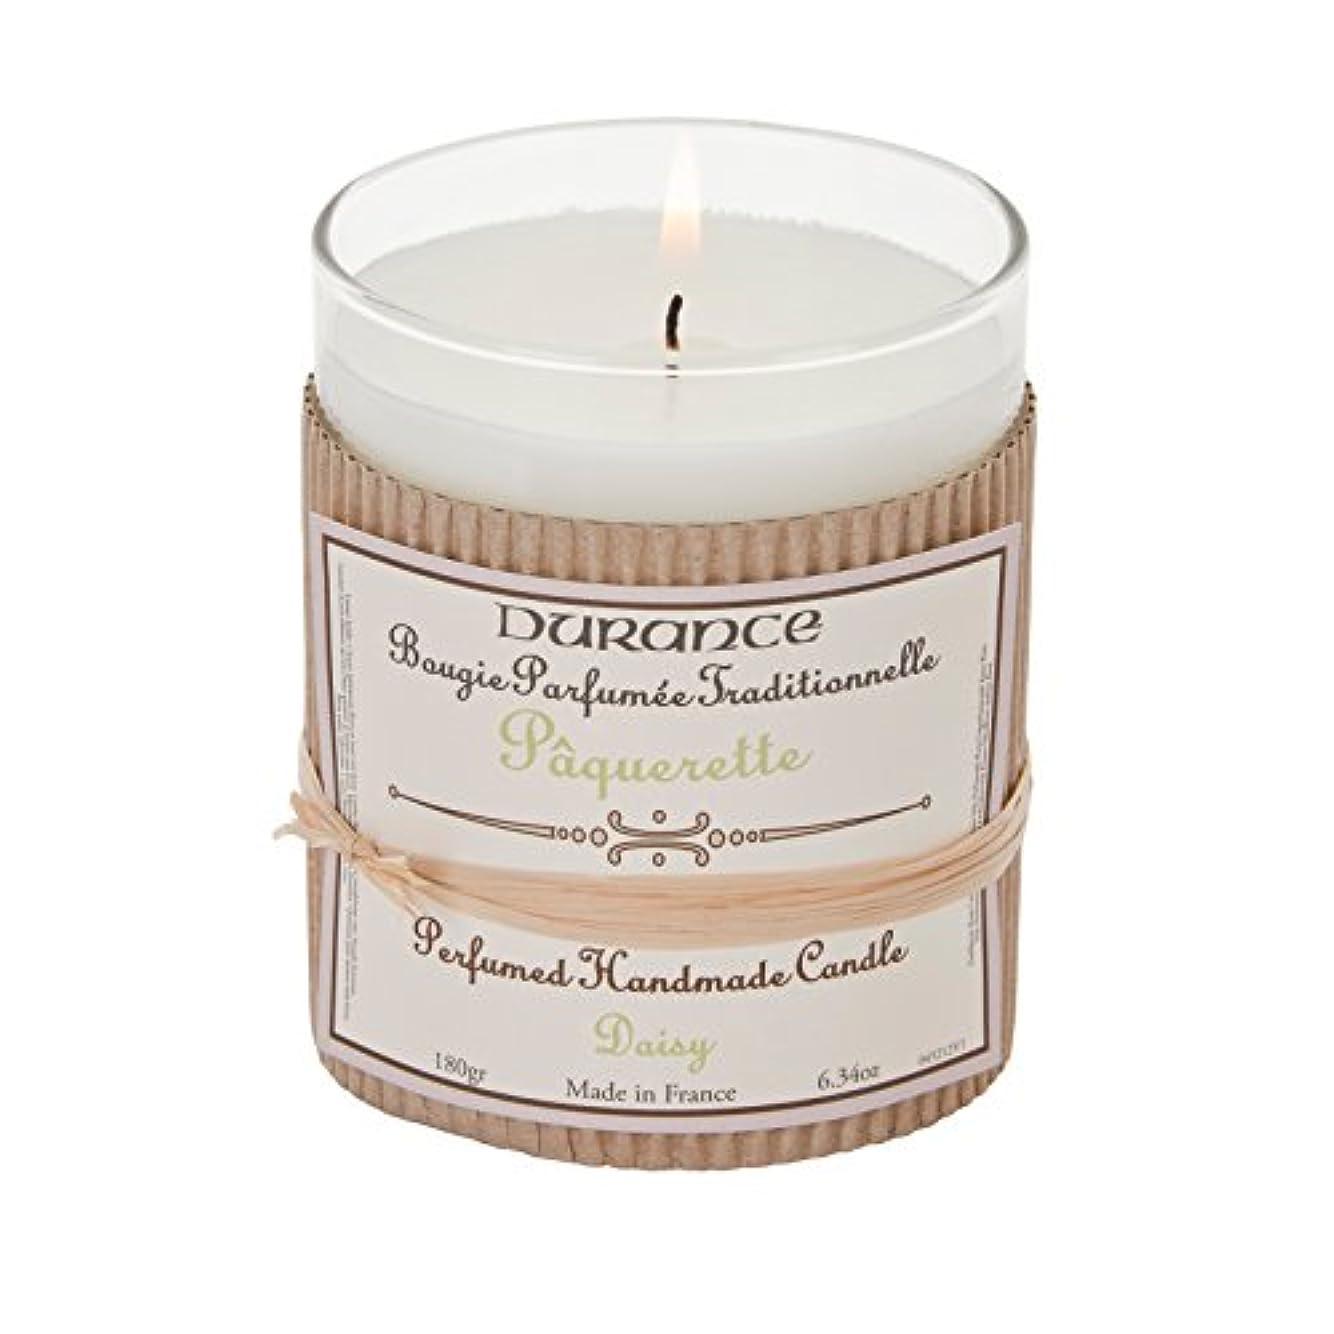 平らにするあらゆる種類のダニDurance De Provence Hand Crafted Scented Candle - Daisy